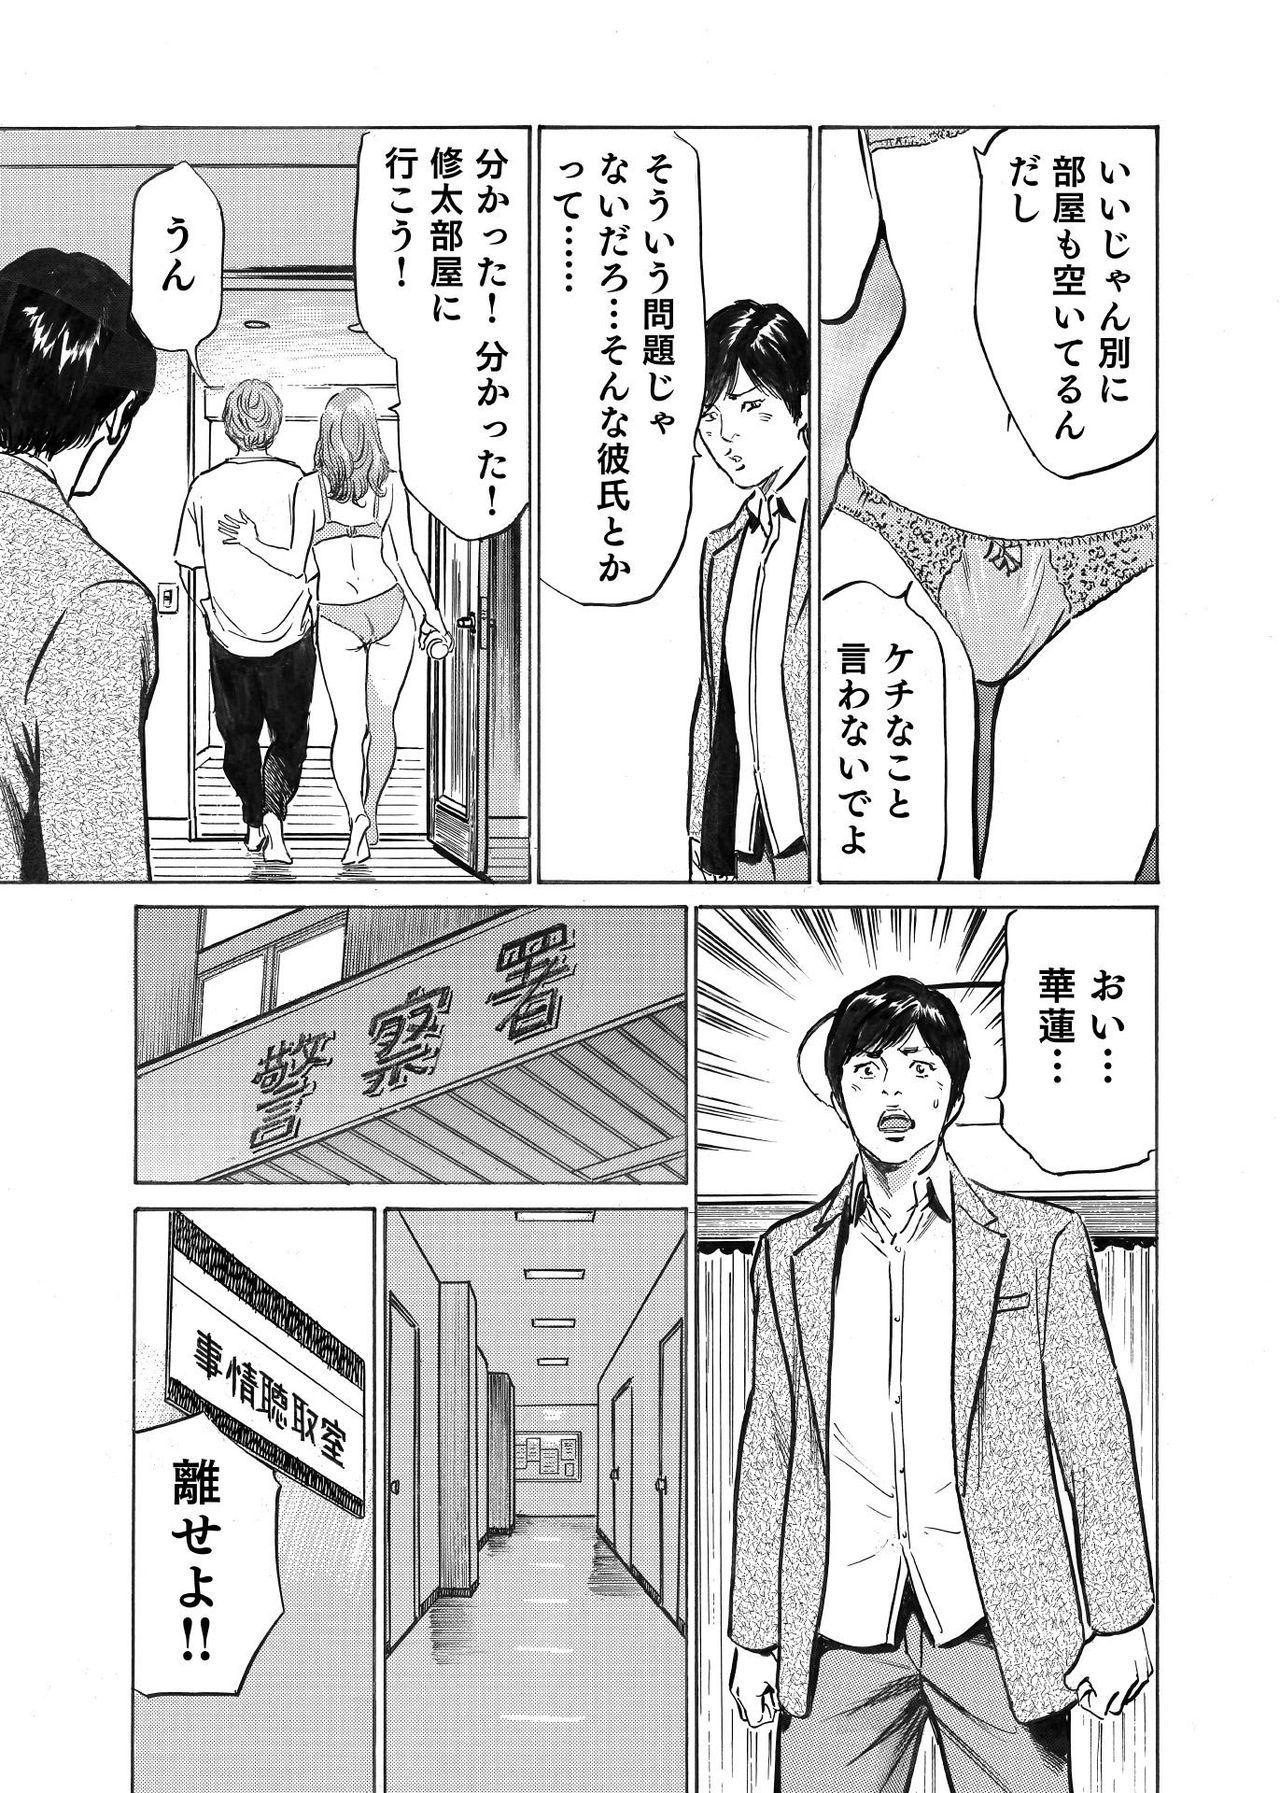 Ore wa Tsuma no Koto o Yoku Shiranai 1-9 74